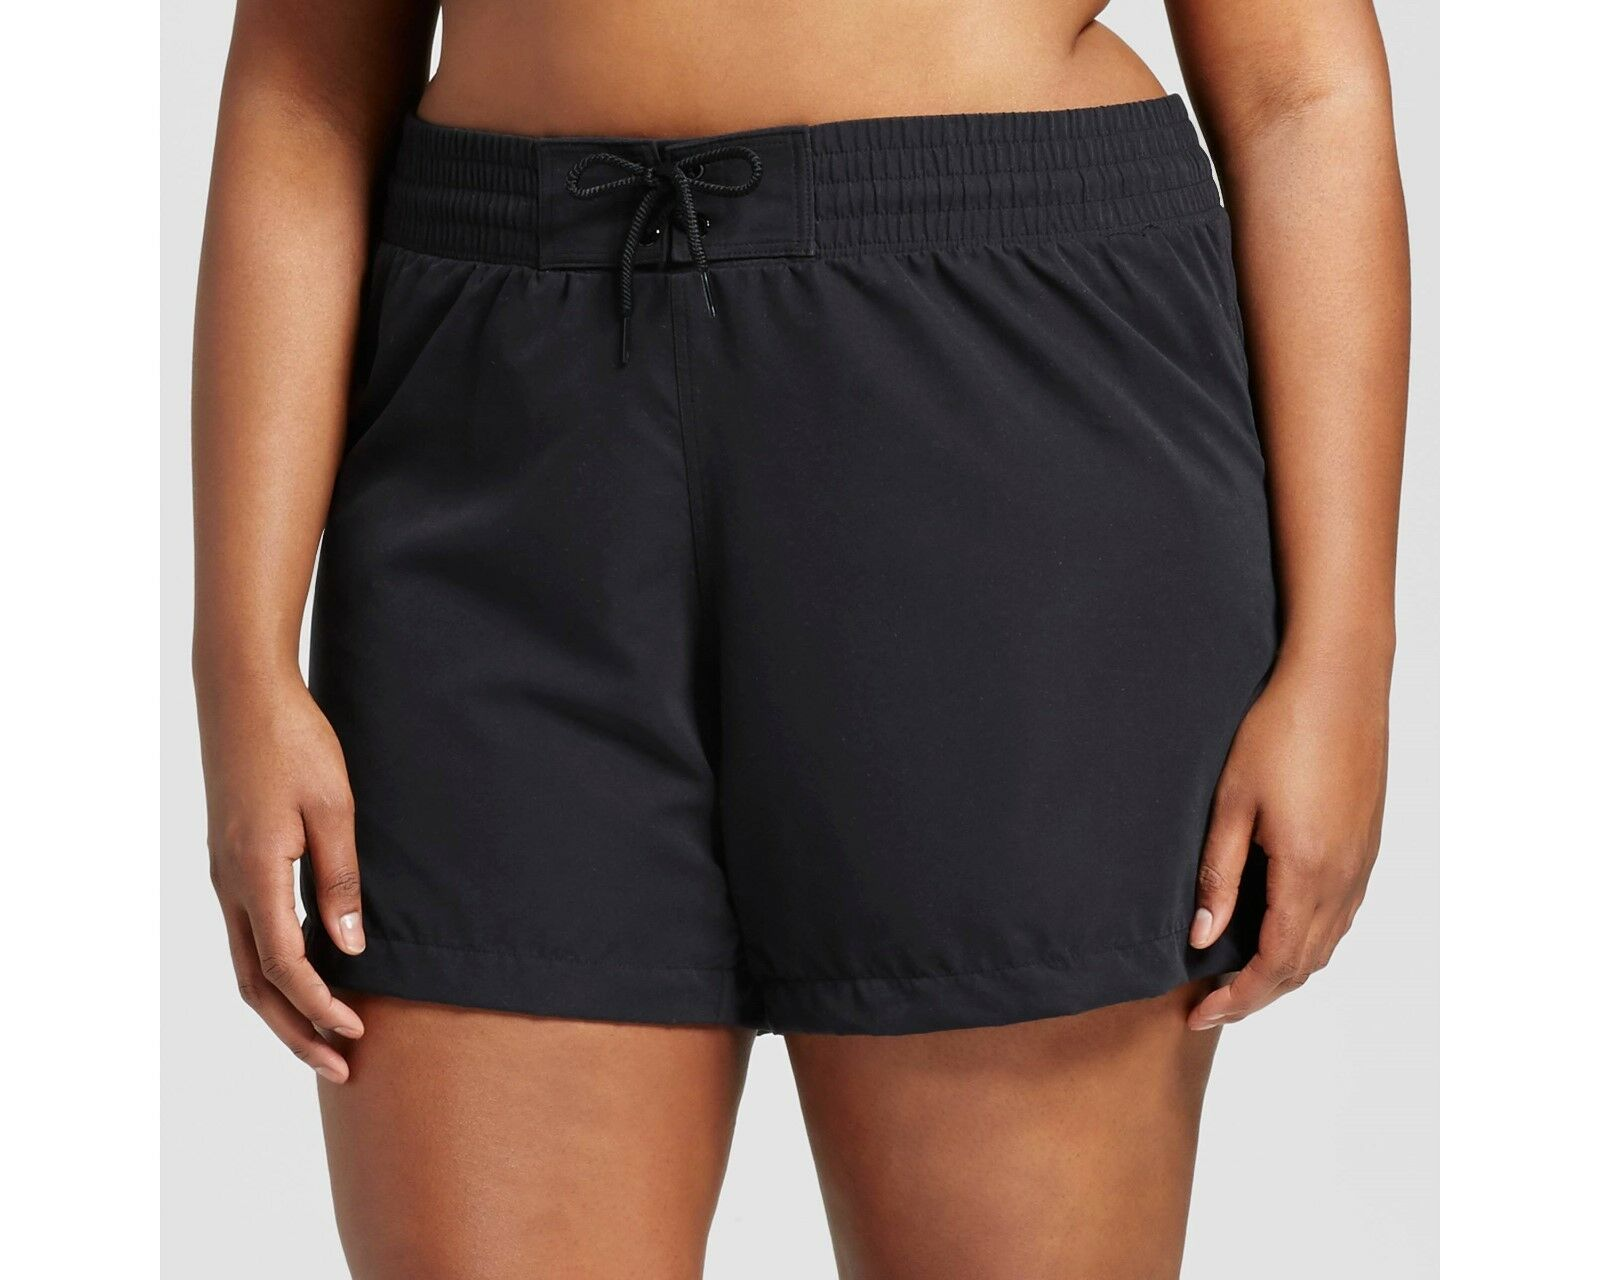 Ava /& Viv Swim Shorts Black Bottoms Women/'s Plus Size 24W//26W